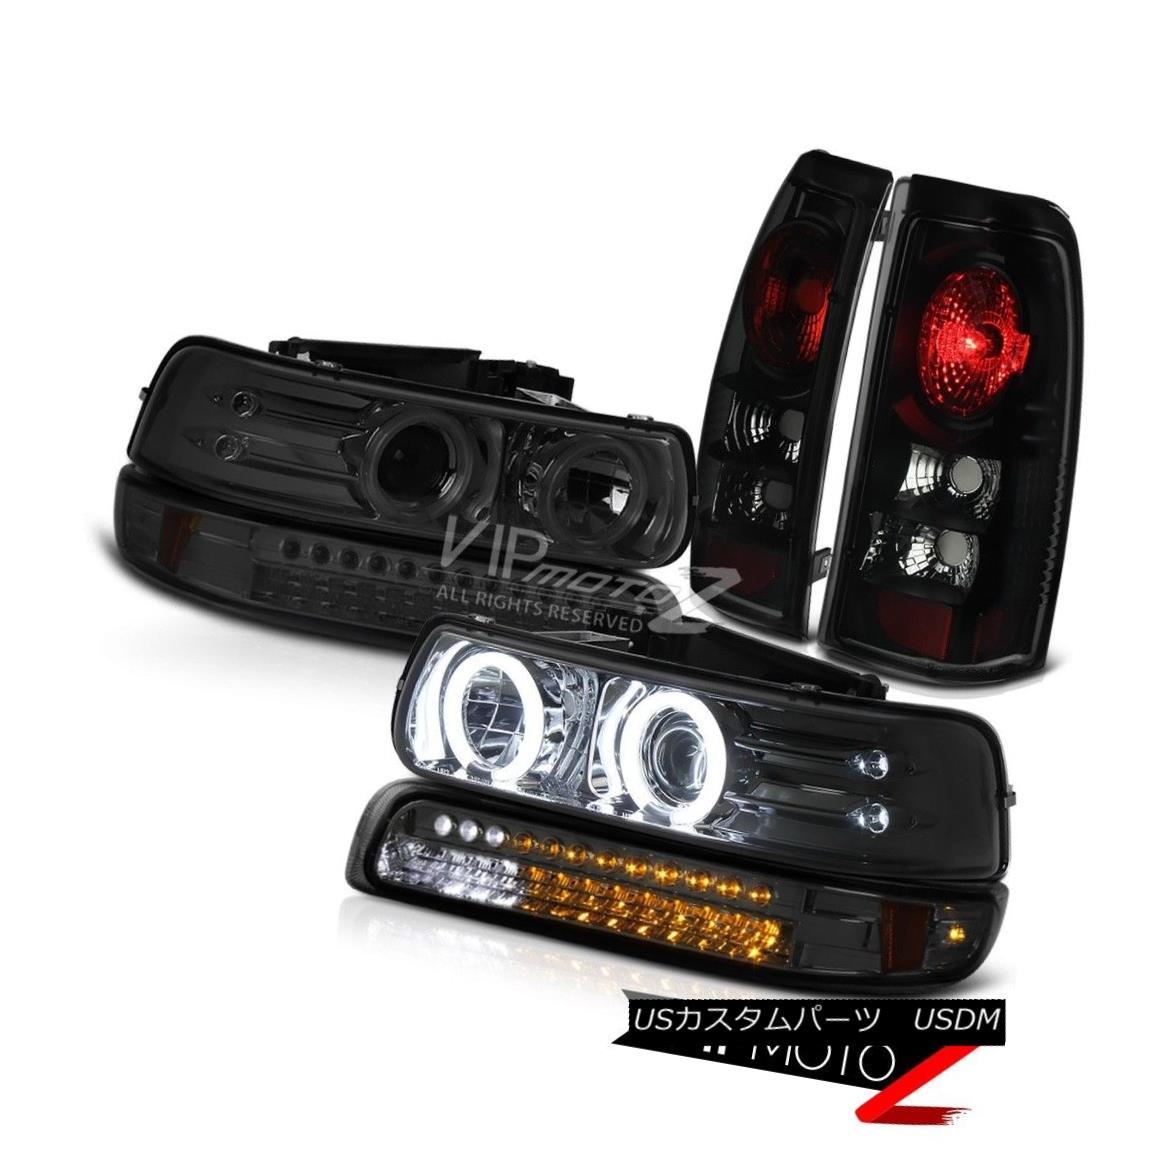 テールライト 1999-2002 Chevy Silverado CCFL Angel Eye Headlight Parking Brake Light Tail Lamp 1999-2002シボレーシルバラードCCFLエンジェルアイヘッドライトパーキングブレーキライトテールランプ